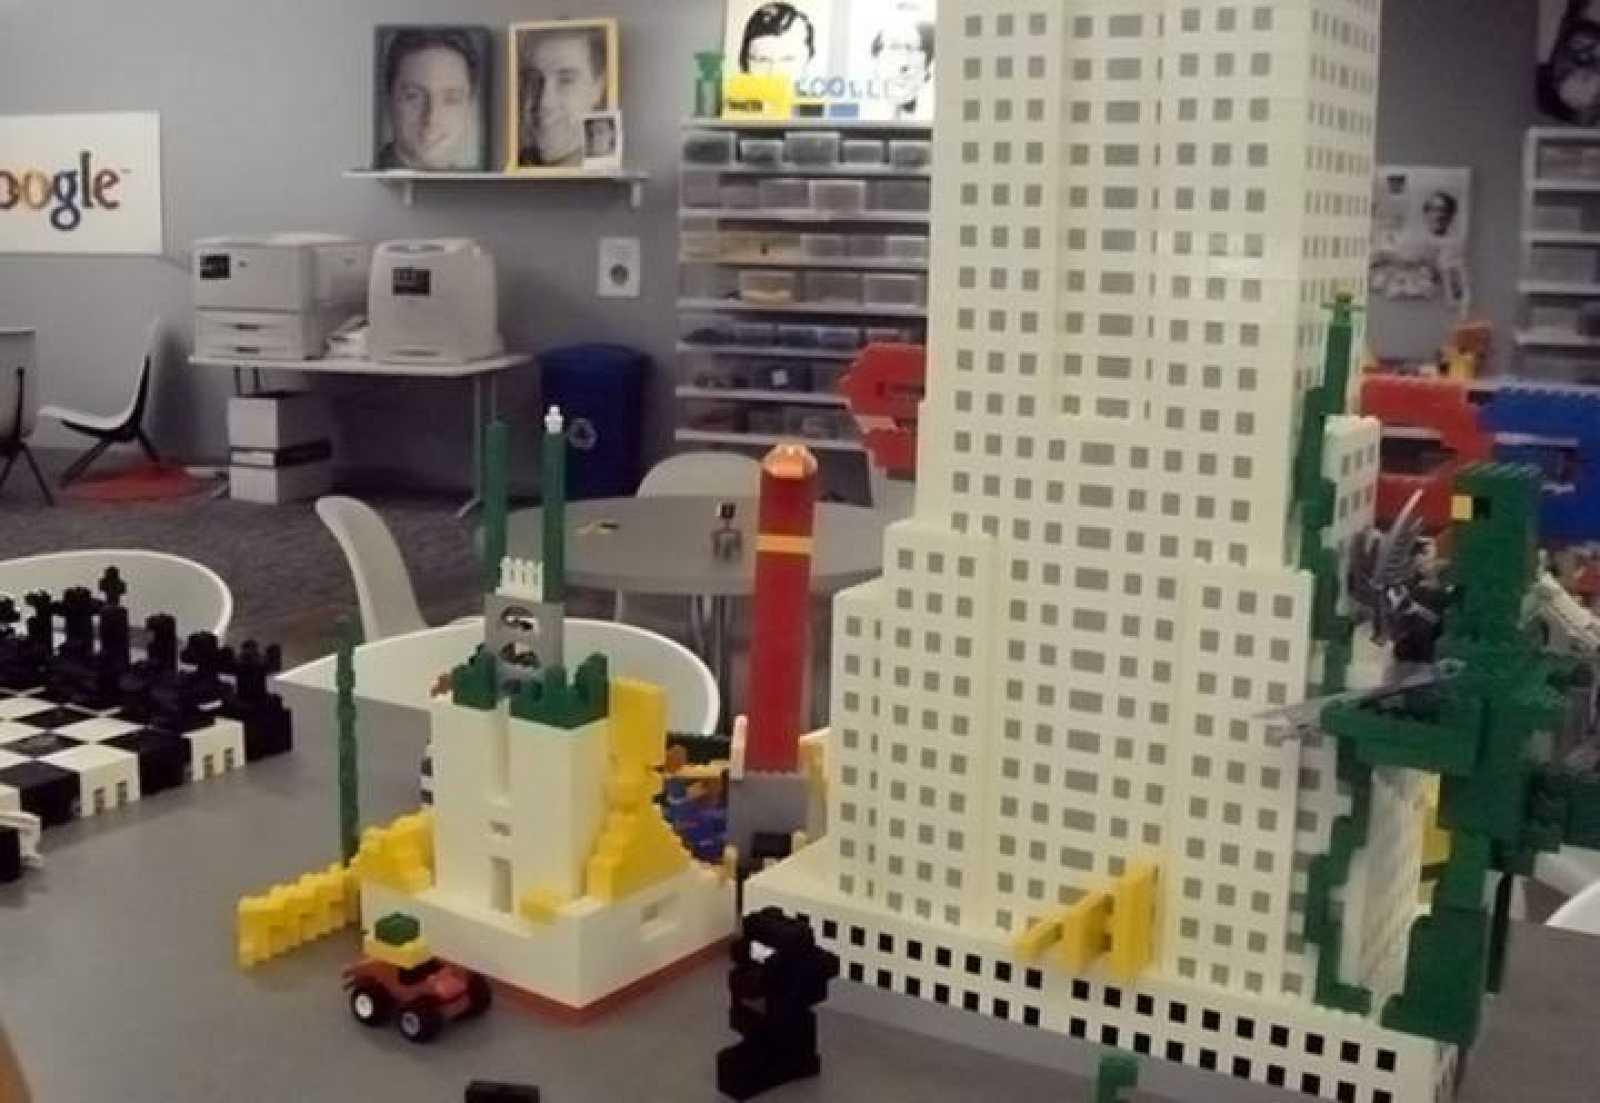 Lego Y Google Crean Un Juego Online Para Construir Ciudades